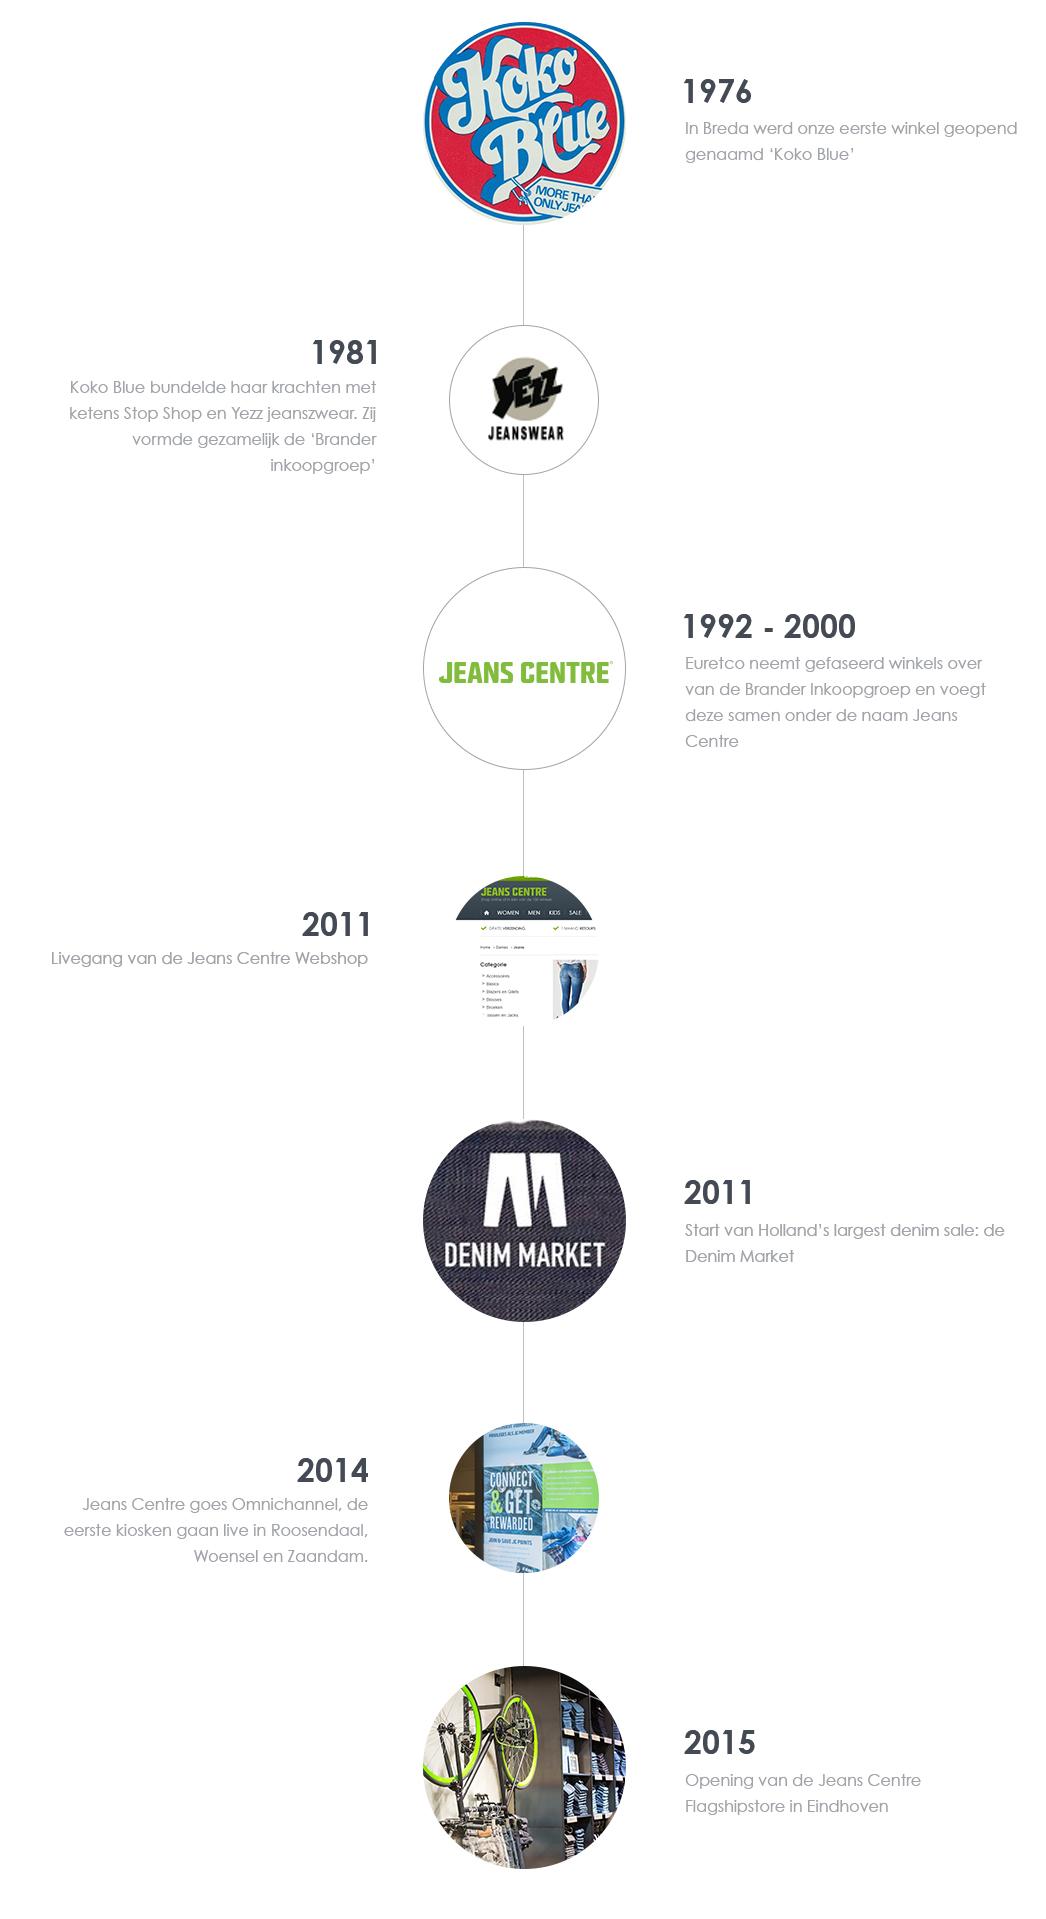 Historie van Jeans Centre